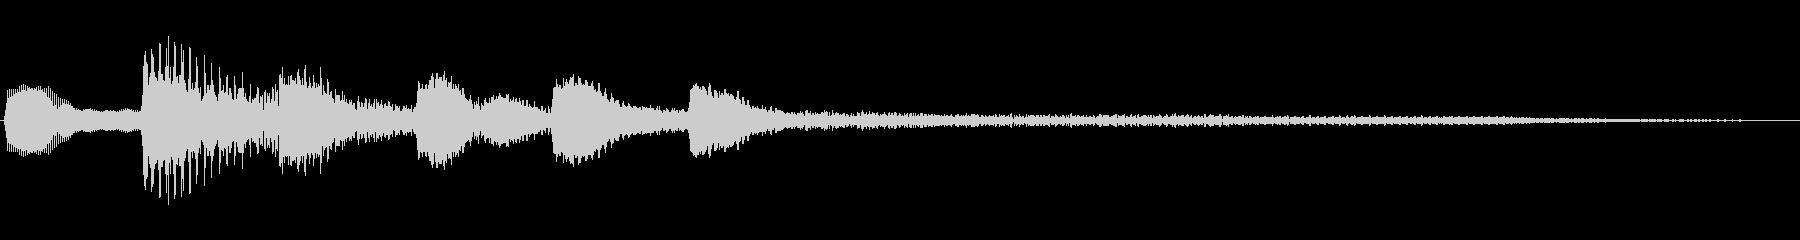 ジングル101fの未再生の波形